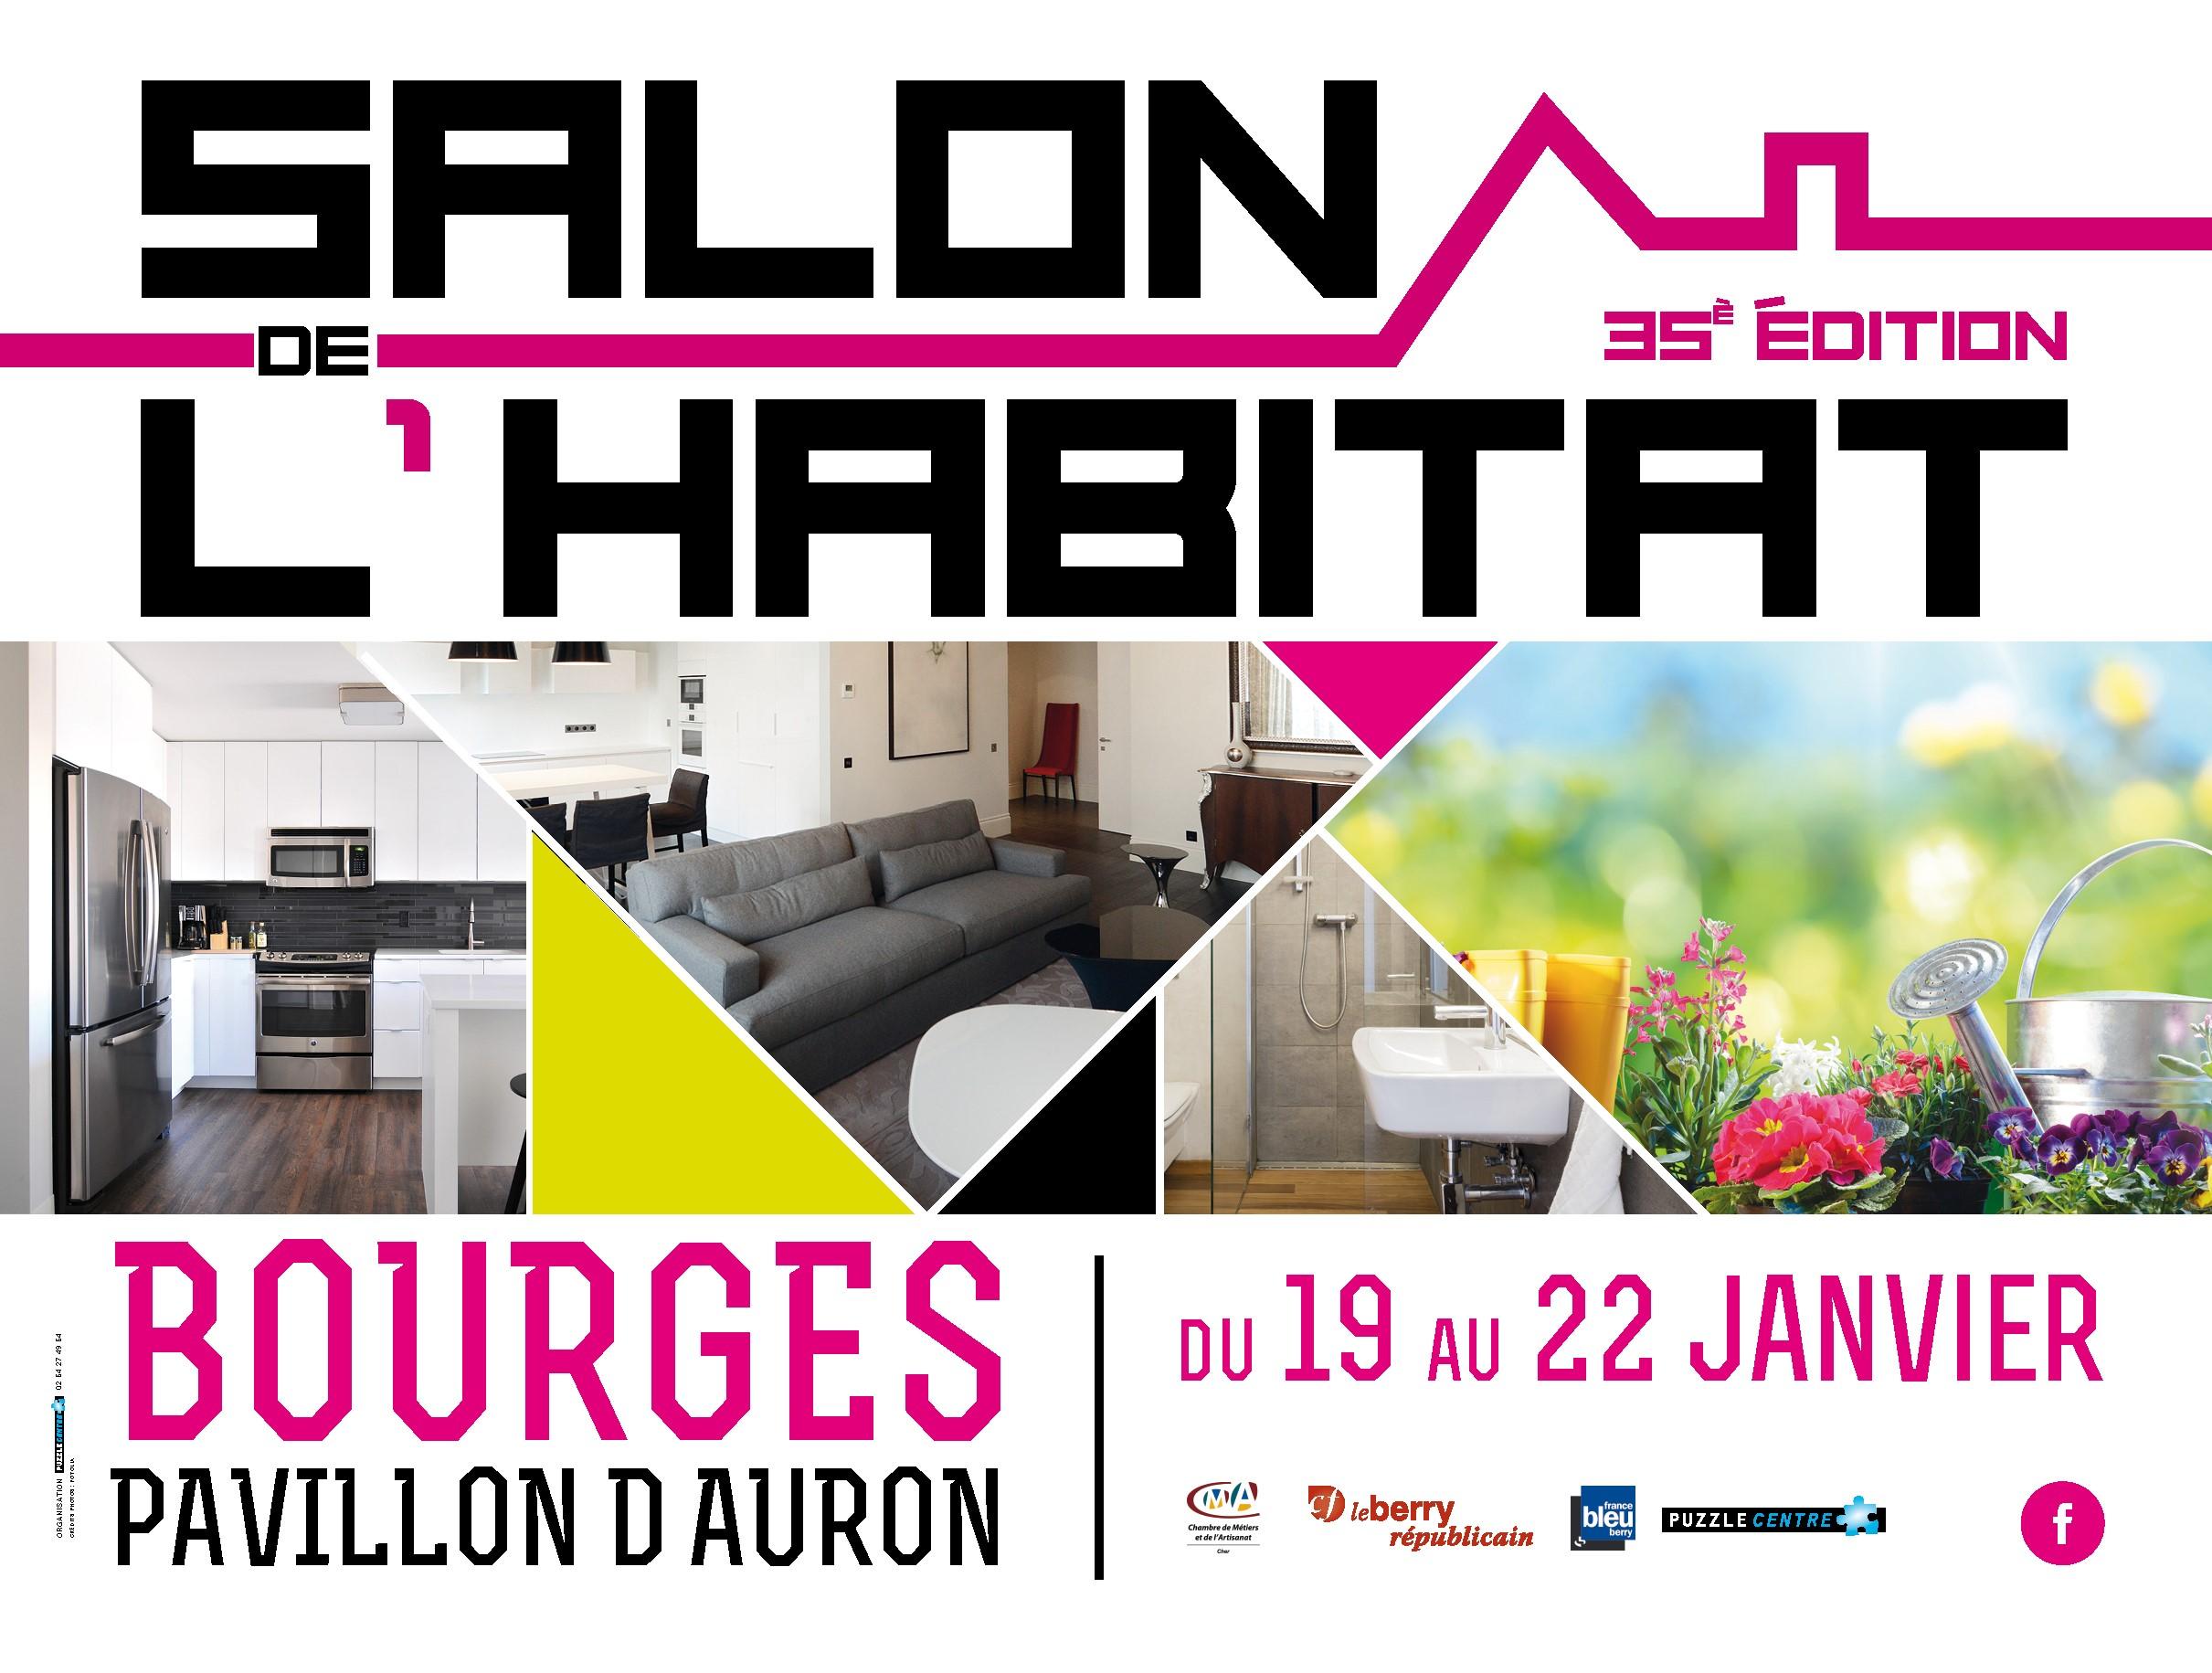 Maison 2B3D au salon de l'habitat de Bourges